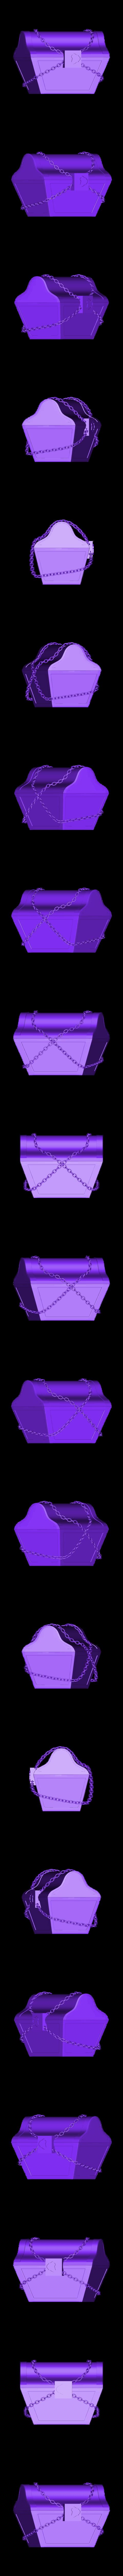 Trésor.obj Download OBJ file Treasure chest • 3D print template, Ukiyograph